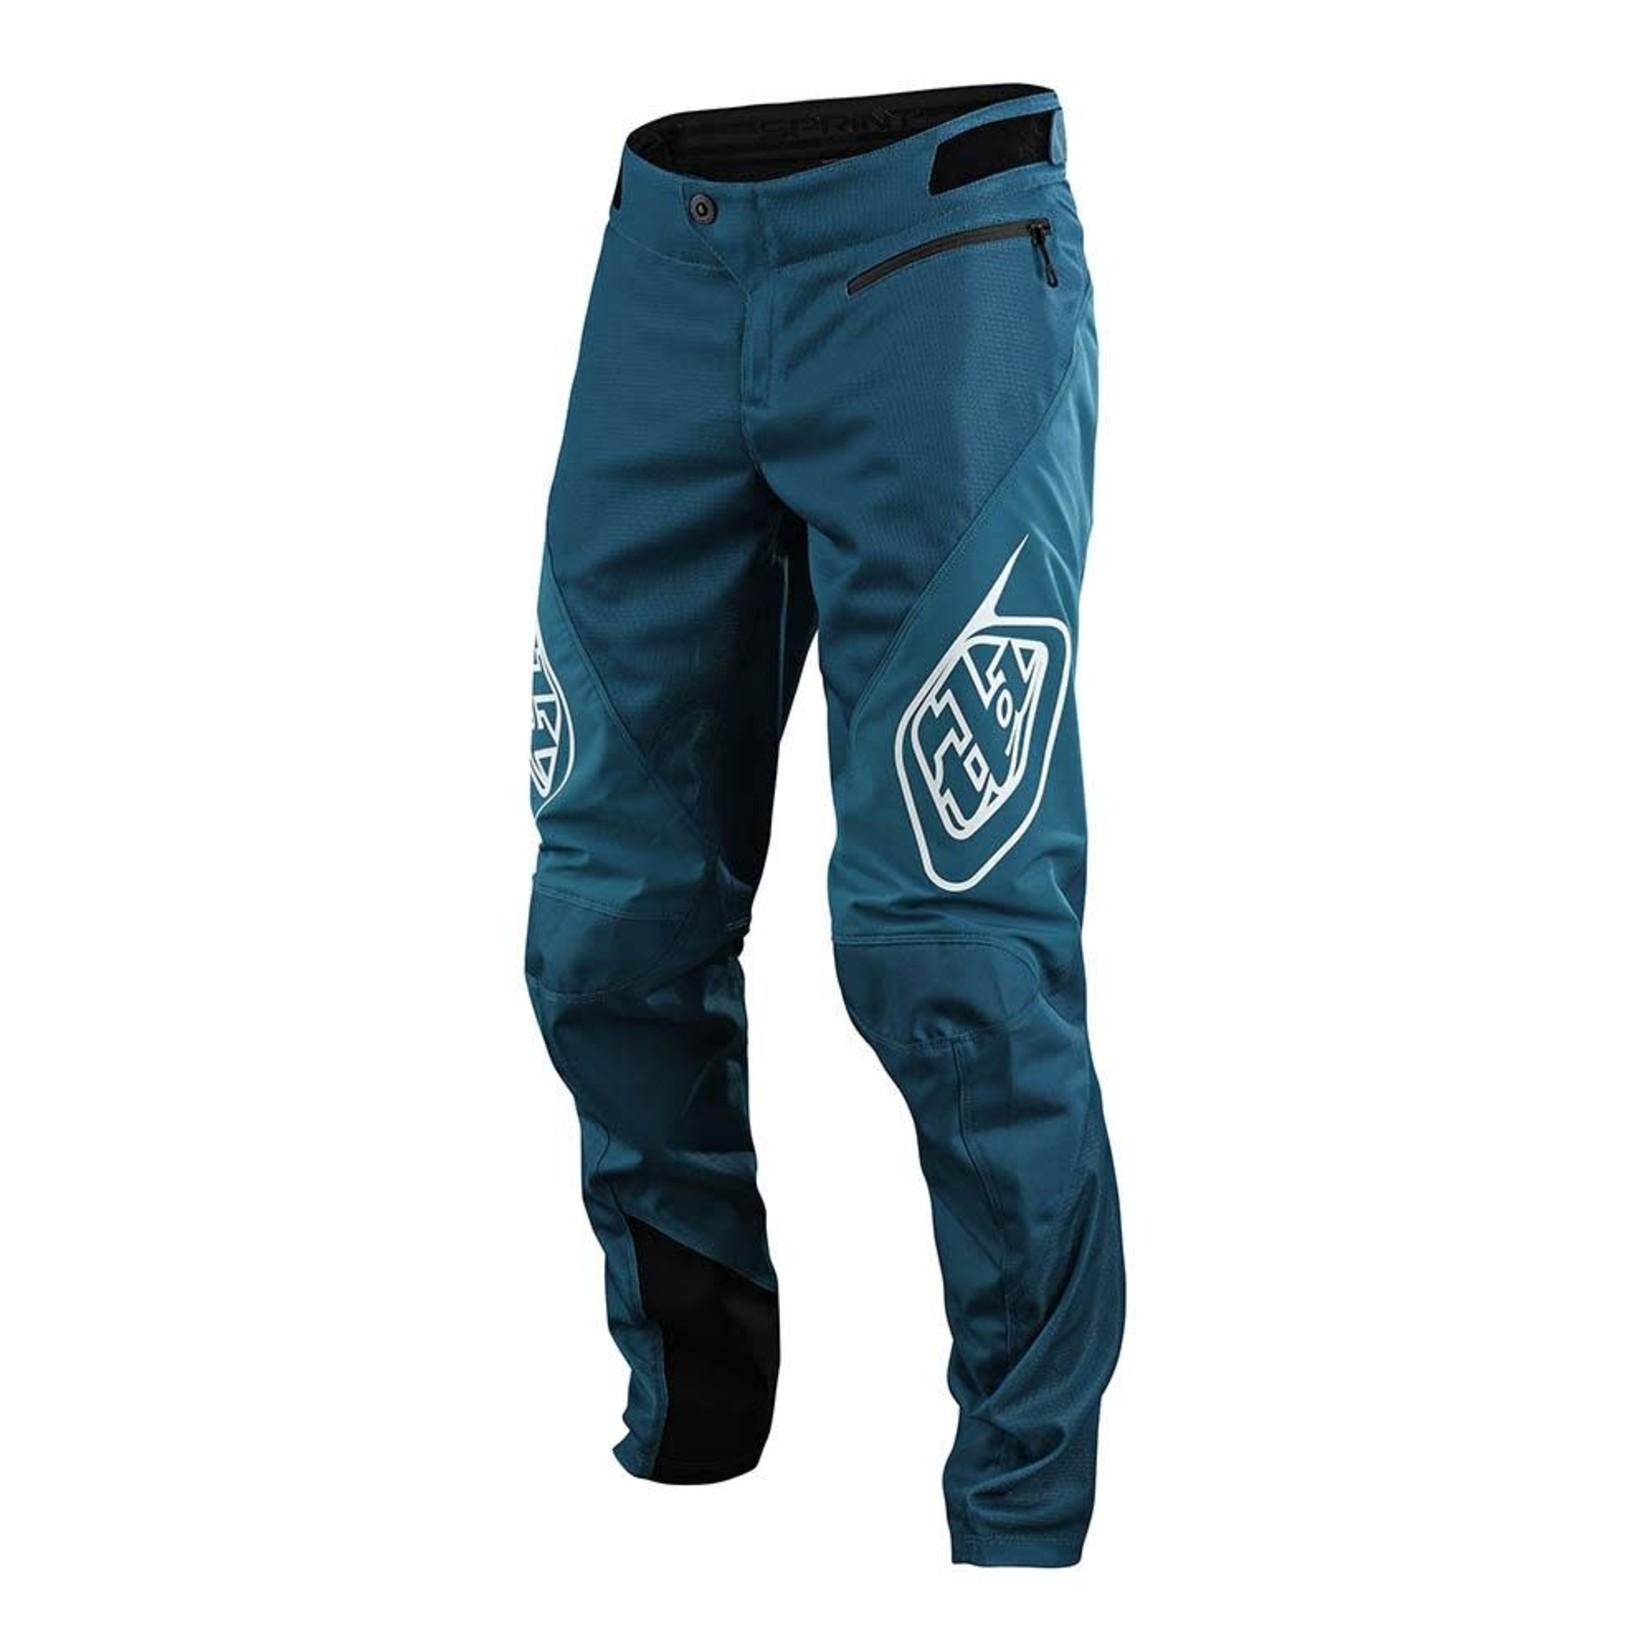 Troy Lee Designs Sprint Pants